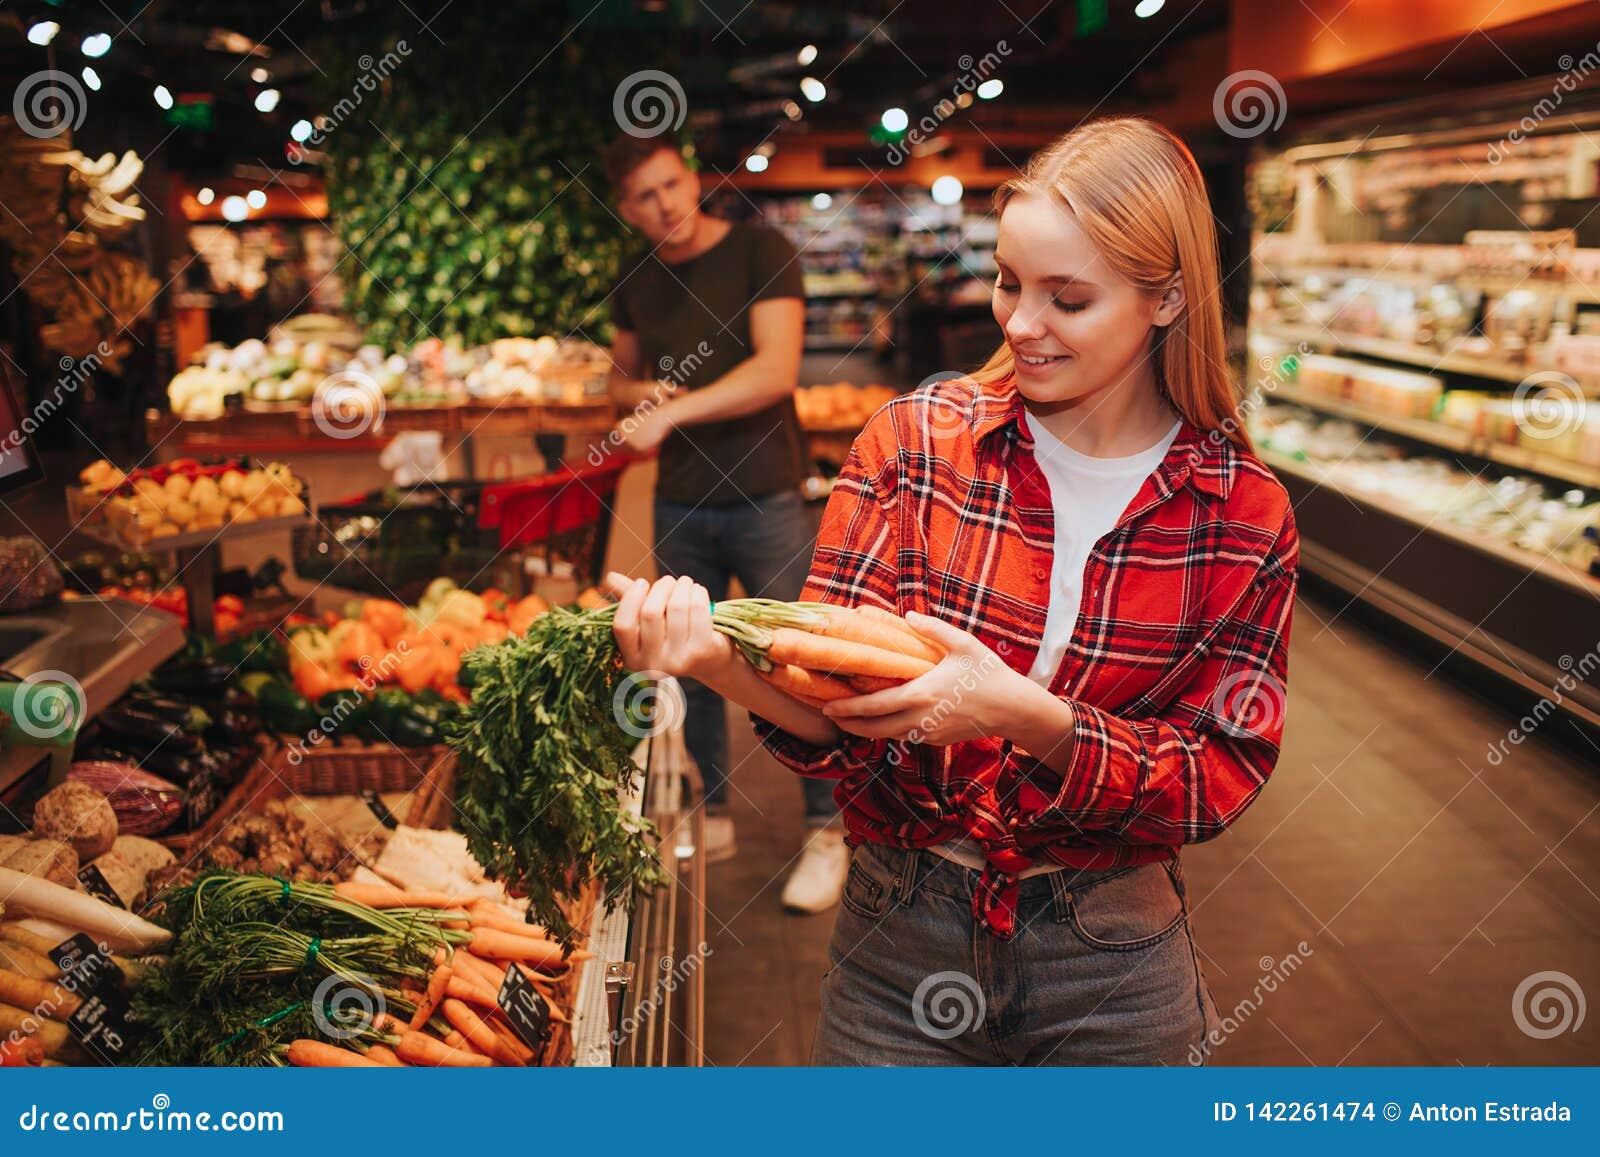 Молодые пары в гастрономе Стойка женщины в моркови фронта и владения в руках Она смотрит ее и улыбку Стойка молодого человека